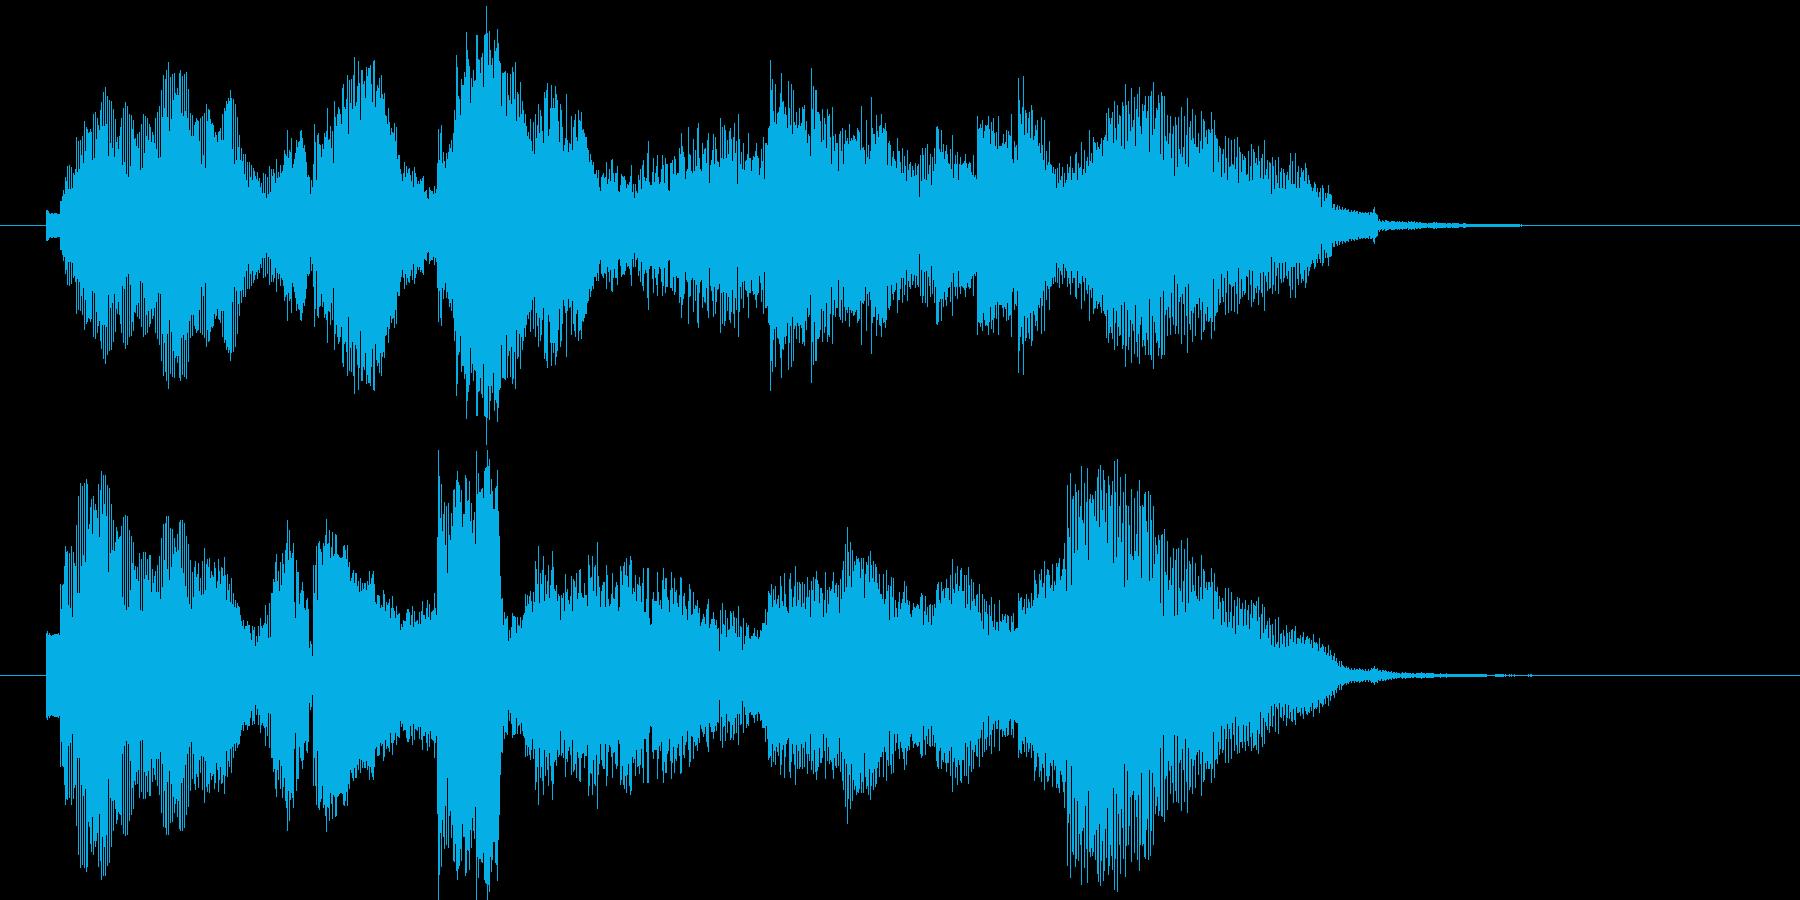 【ジングル】ほのぼの系ジングルの再生済みの波形